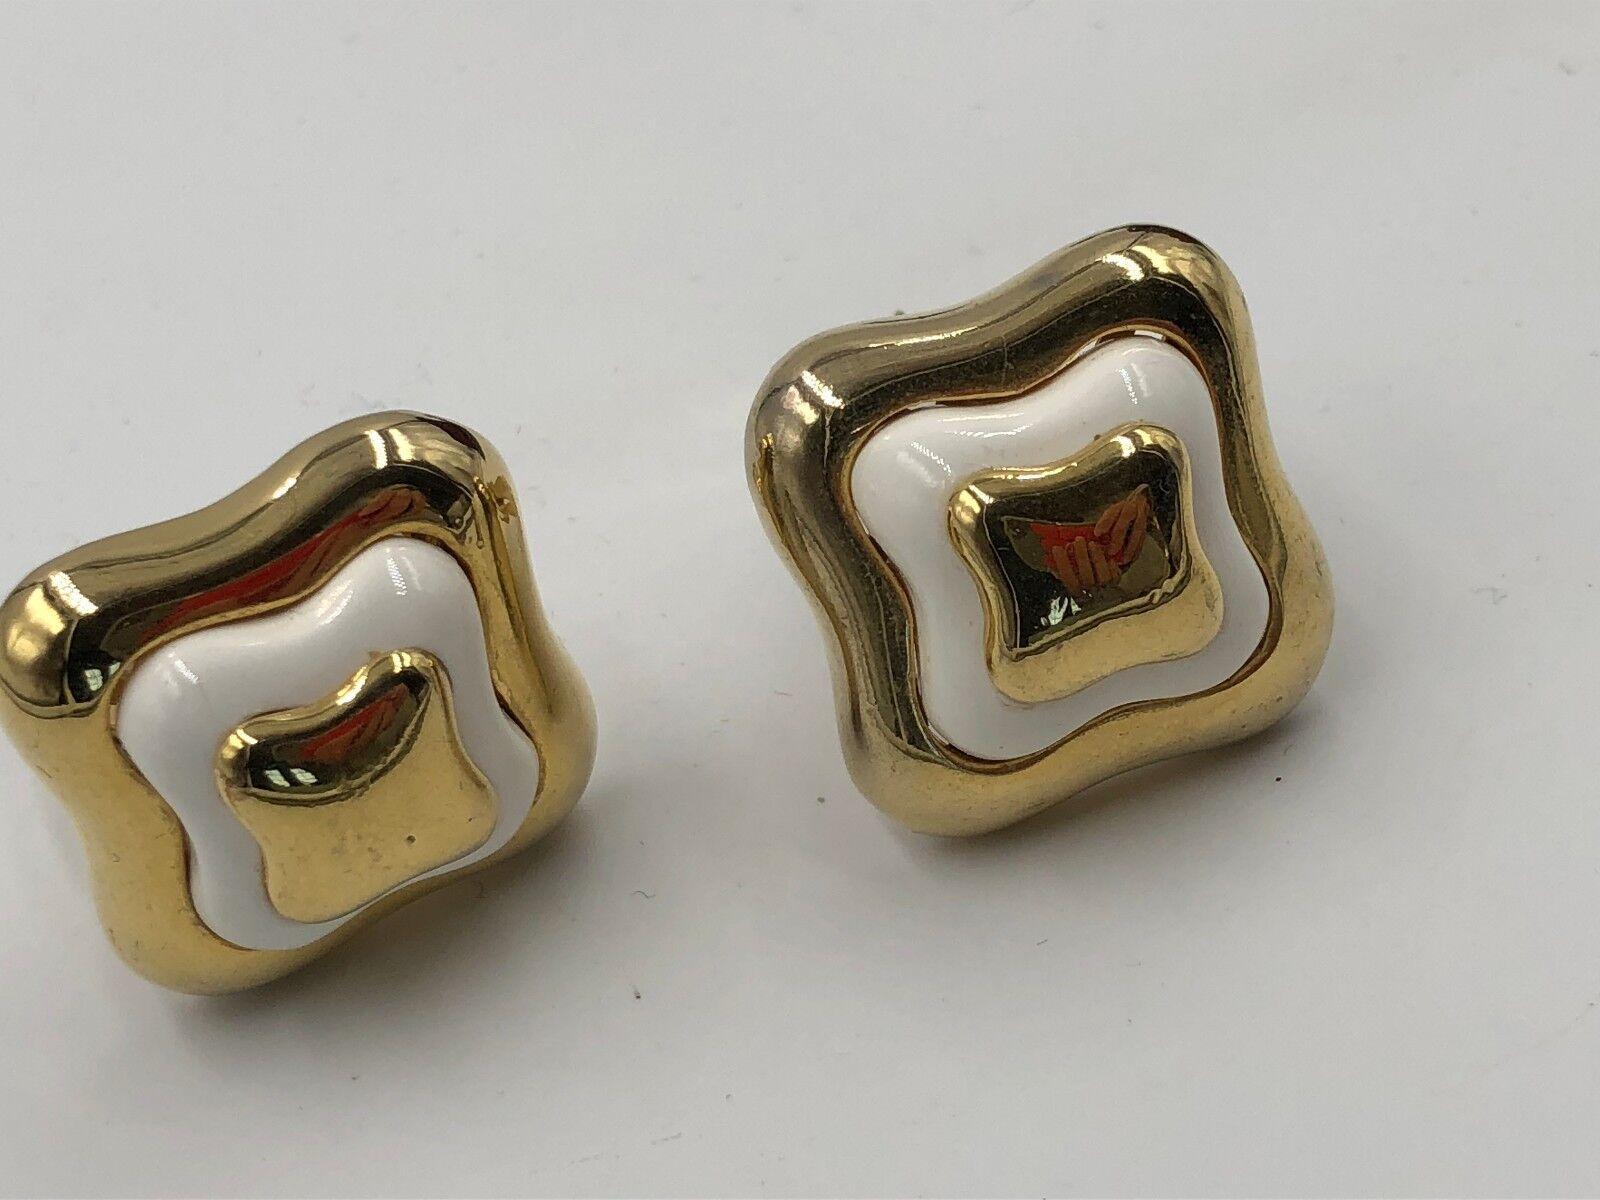 VINTAGE LANVIN SIGNED GOLD ENAMEL EARRINGS CLP FR… - image 5